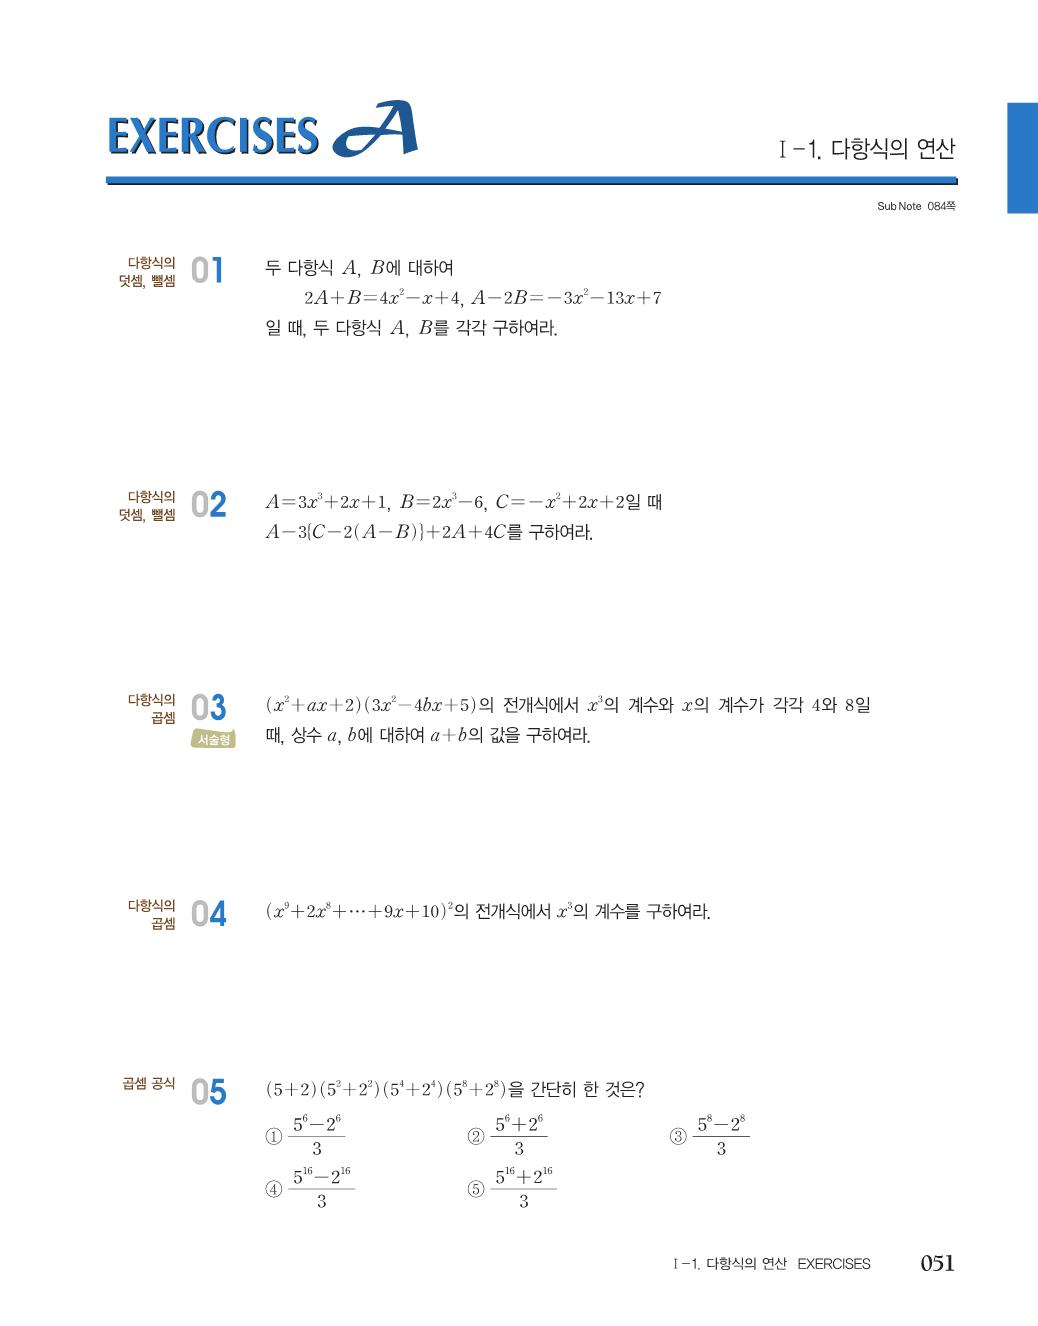 숨마쿰라우데 기본개념서 고등수학(상)_optimize22.png